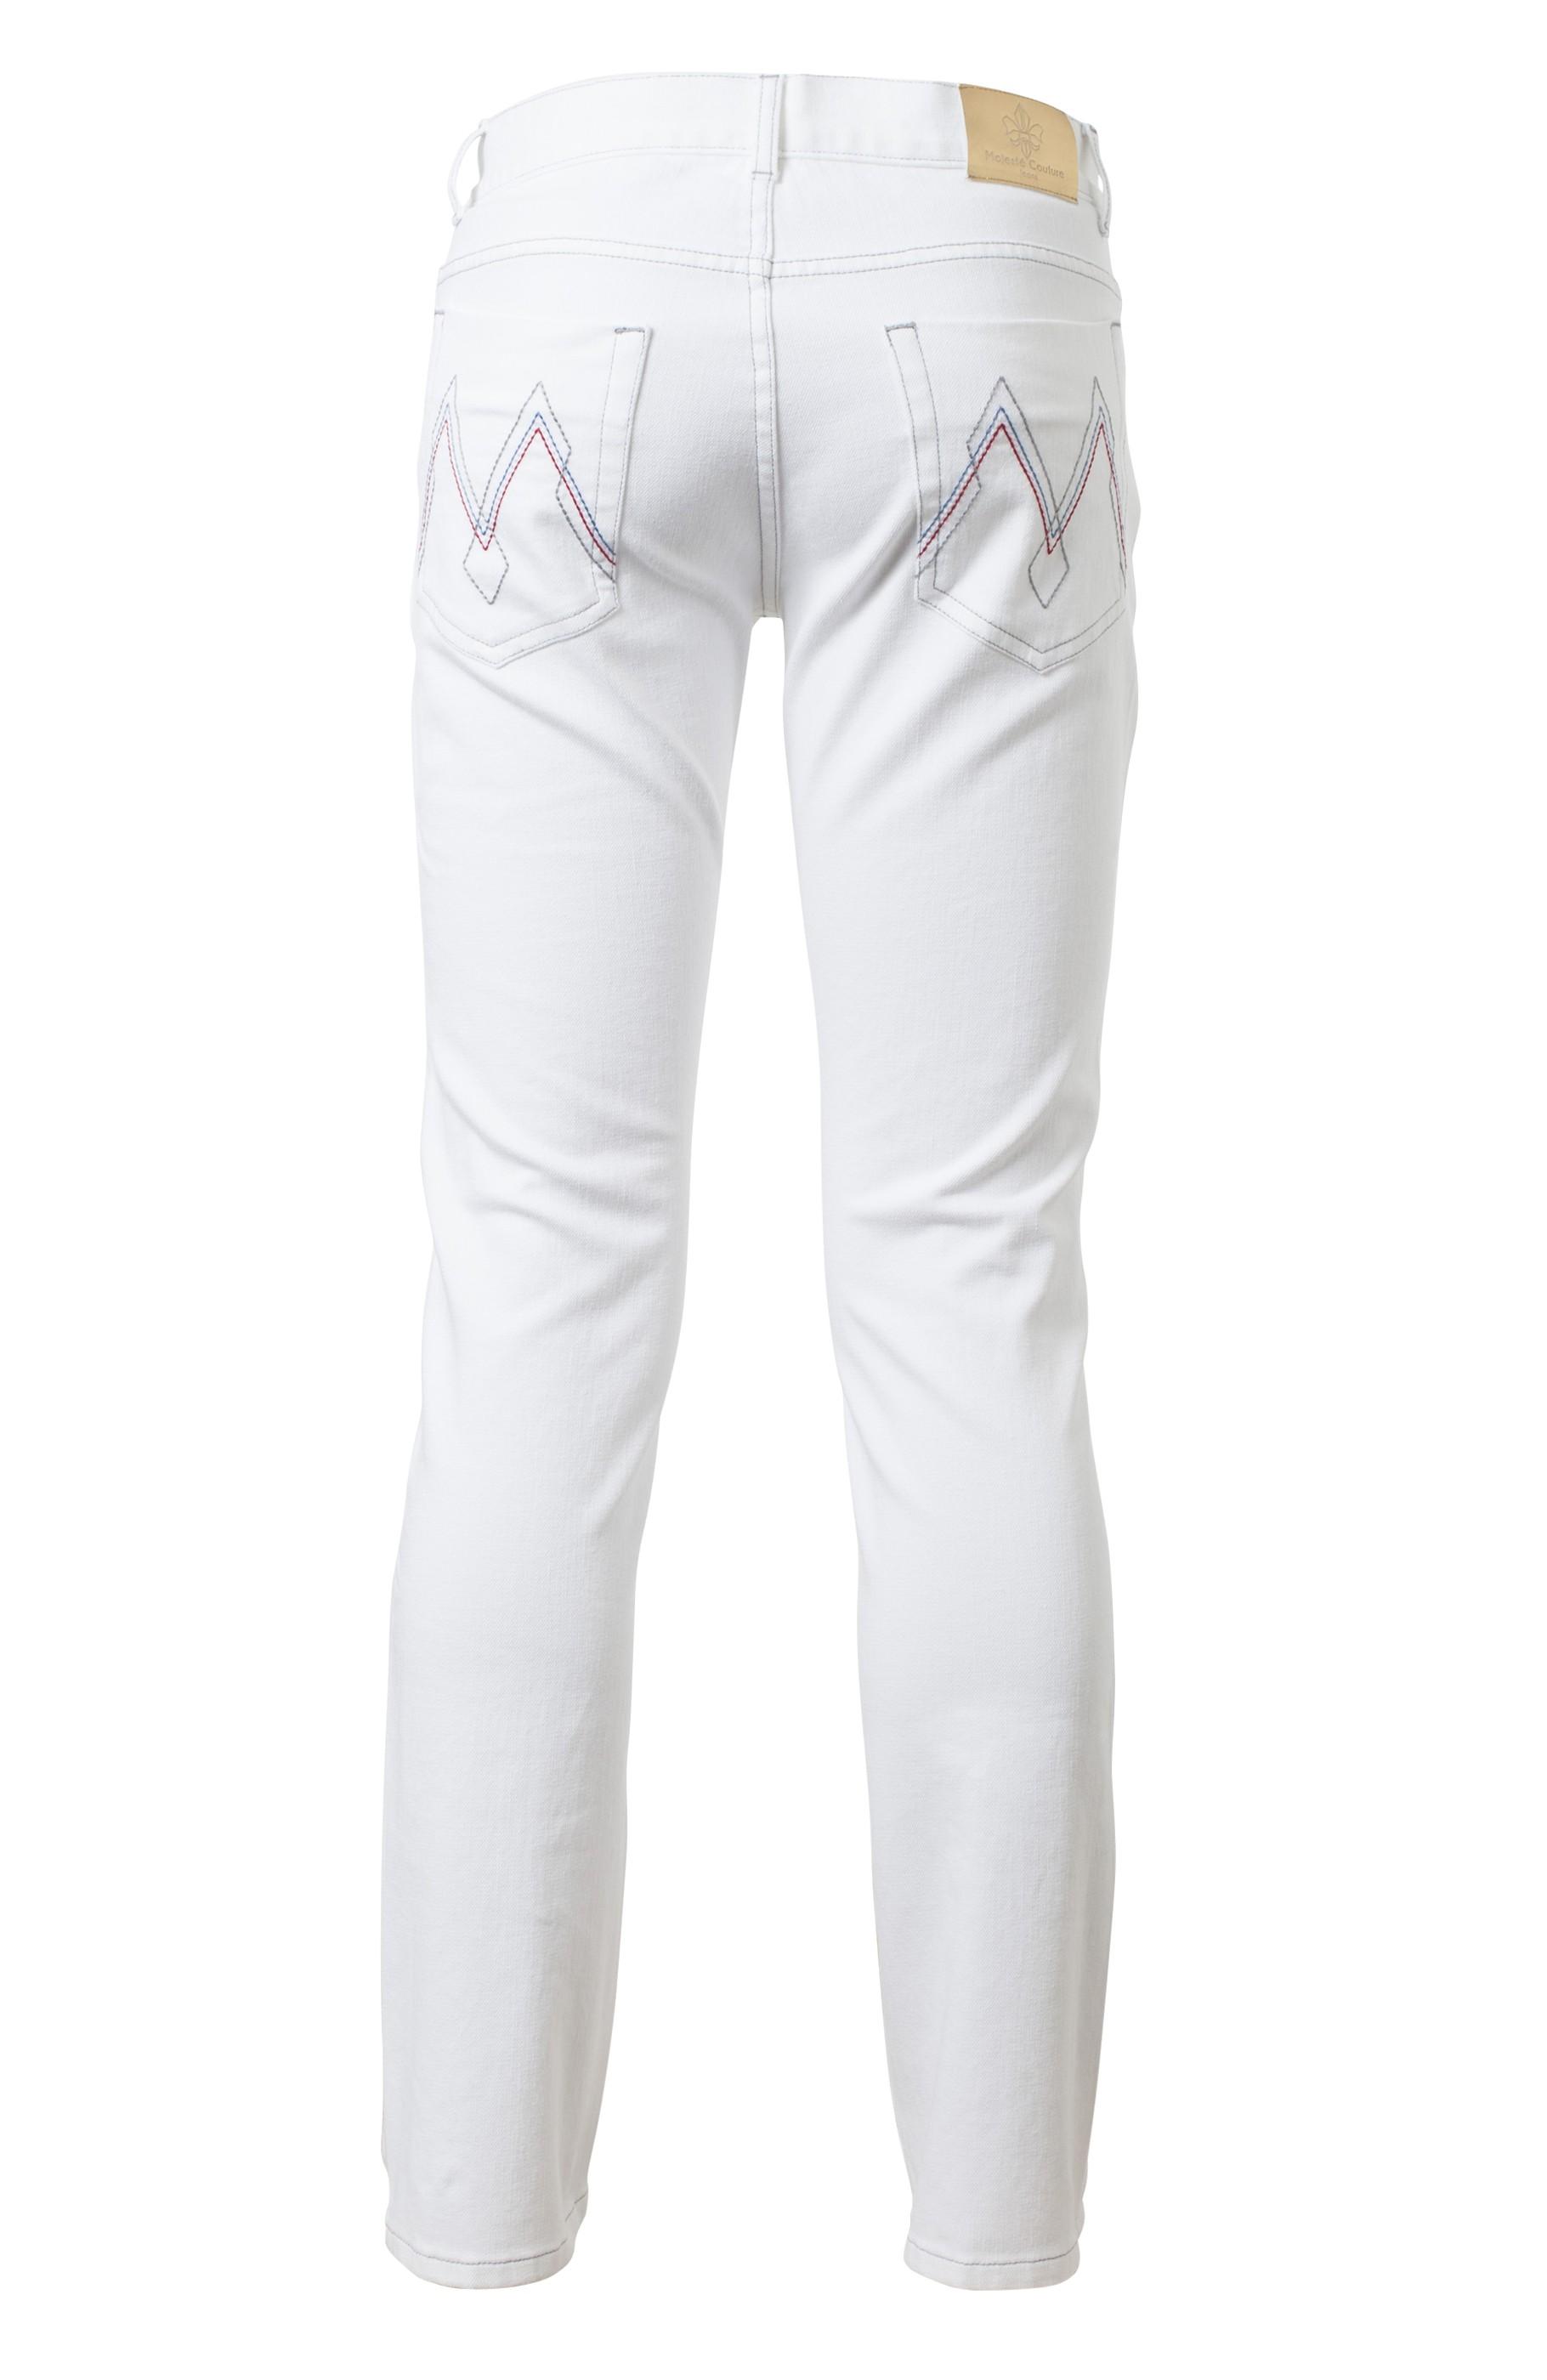 Majesté Couture Paris: MJ-421 WHITE JEANS | Clothing,Clothing > Jeans -  Hiphunters Shop